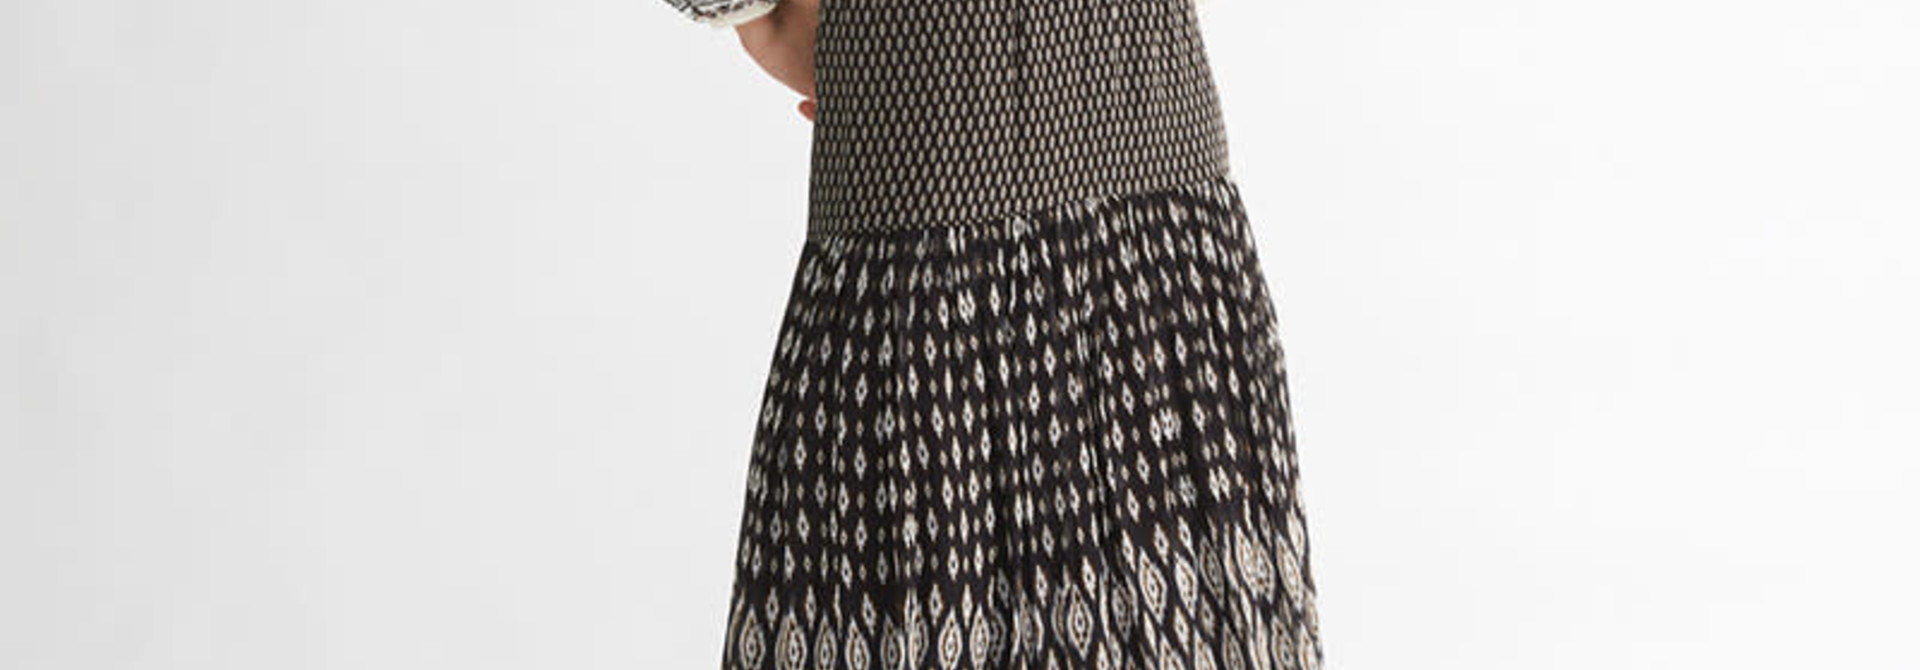 Hernani skirt Vanessa Bruno